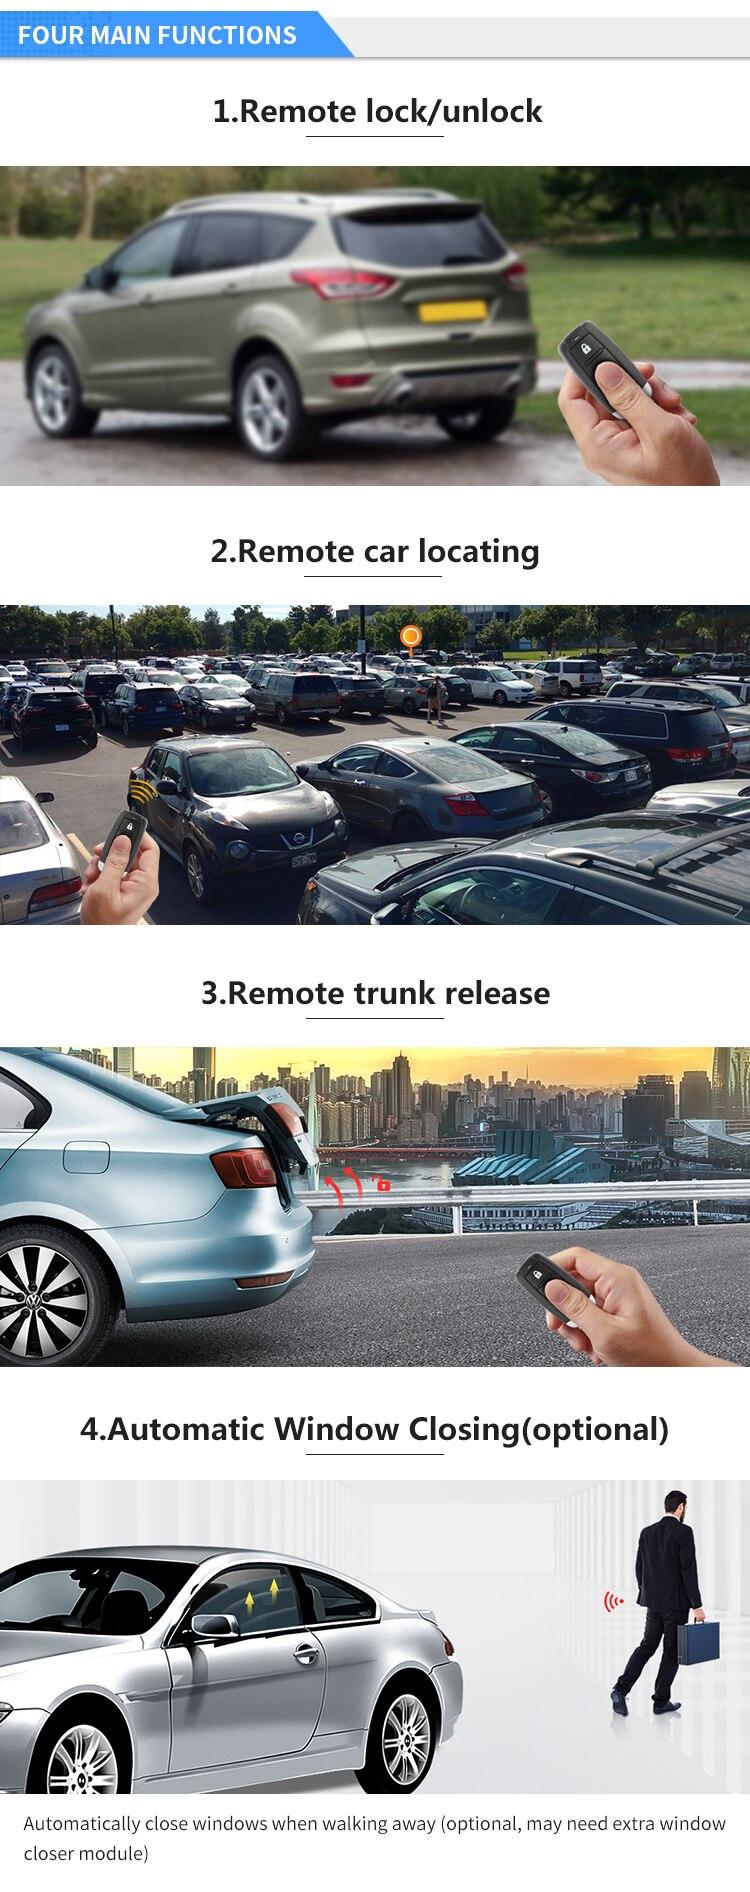 EASYGUARD компания Универсальная автомобильная Автозапуск комплект центральный замок с ключи для удаленной блокировки ав